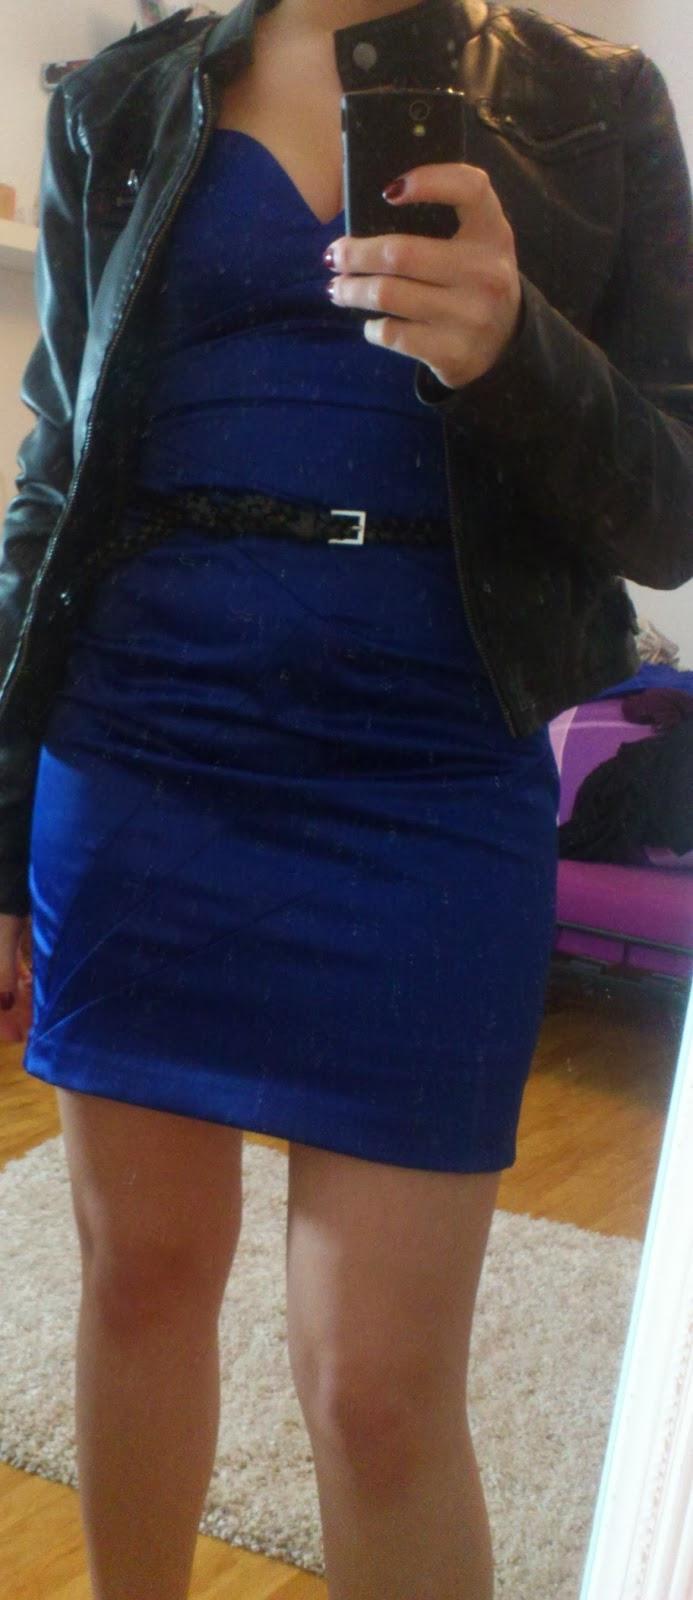 Lucciola Outfit Royalblaues Kleid Und Lederjacke